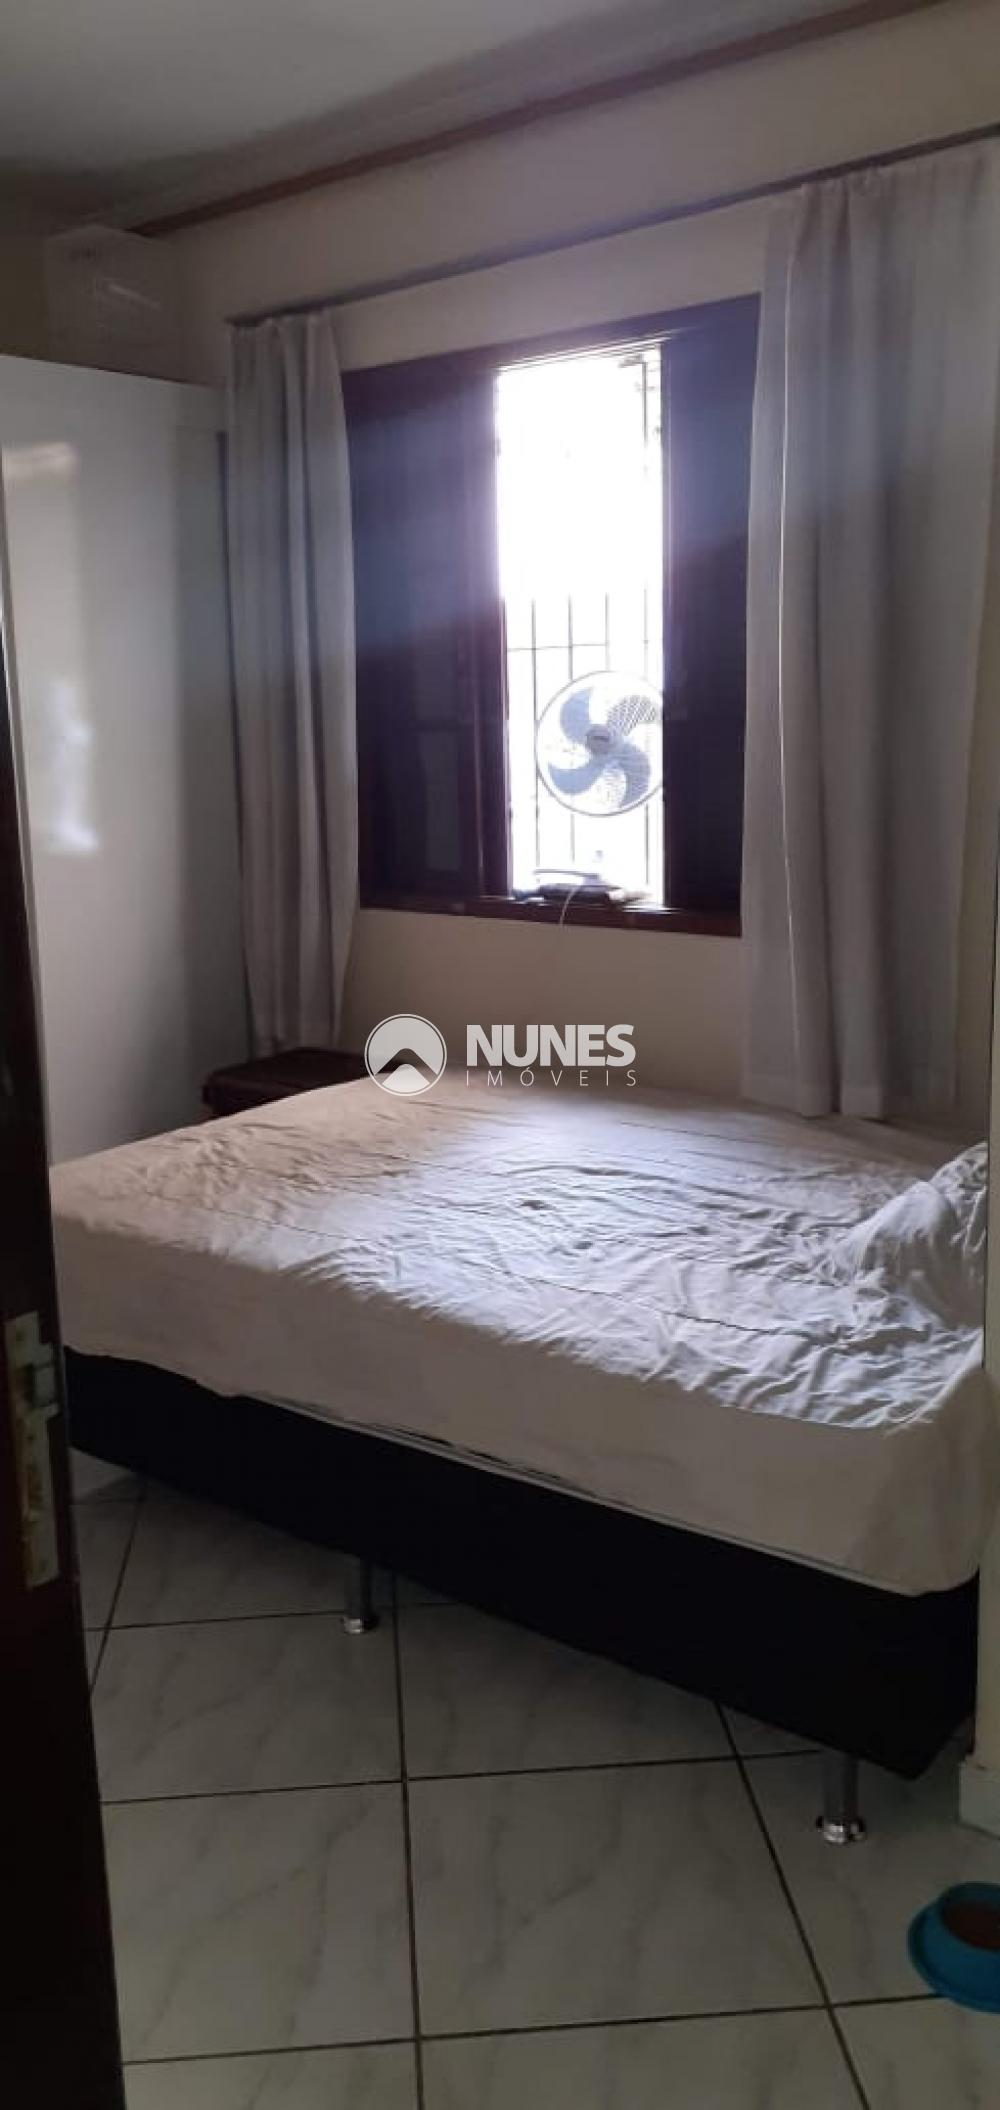 Comprar Casa / Imovel para Renda em Osasco R$ 900.000,00 - Foto 22